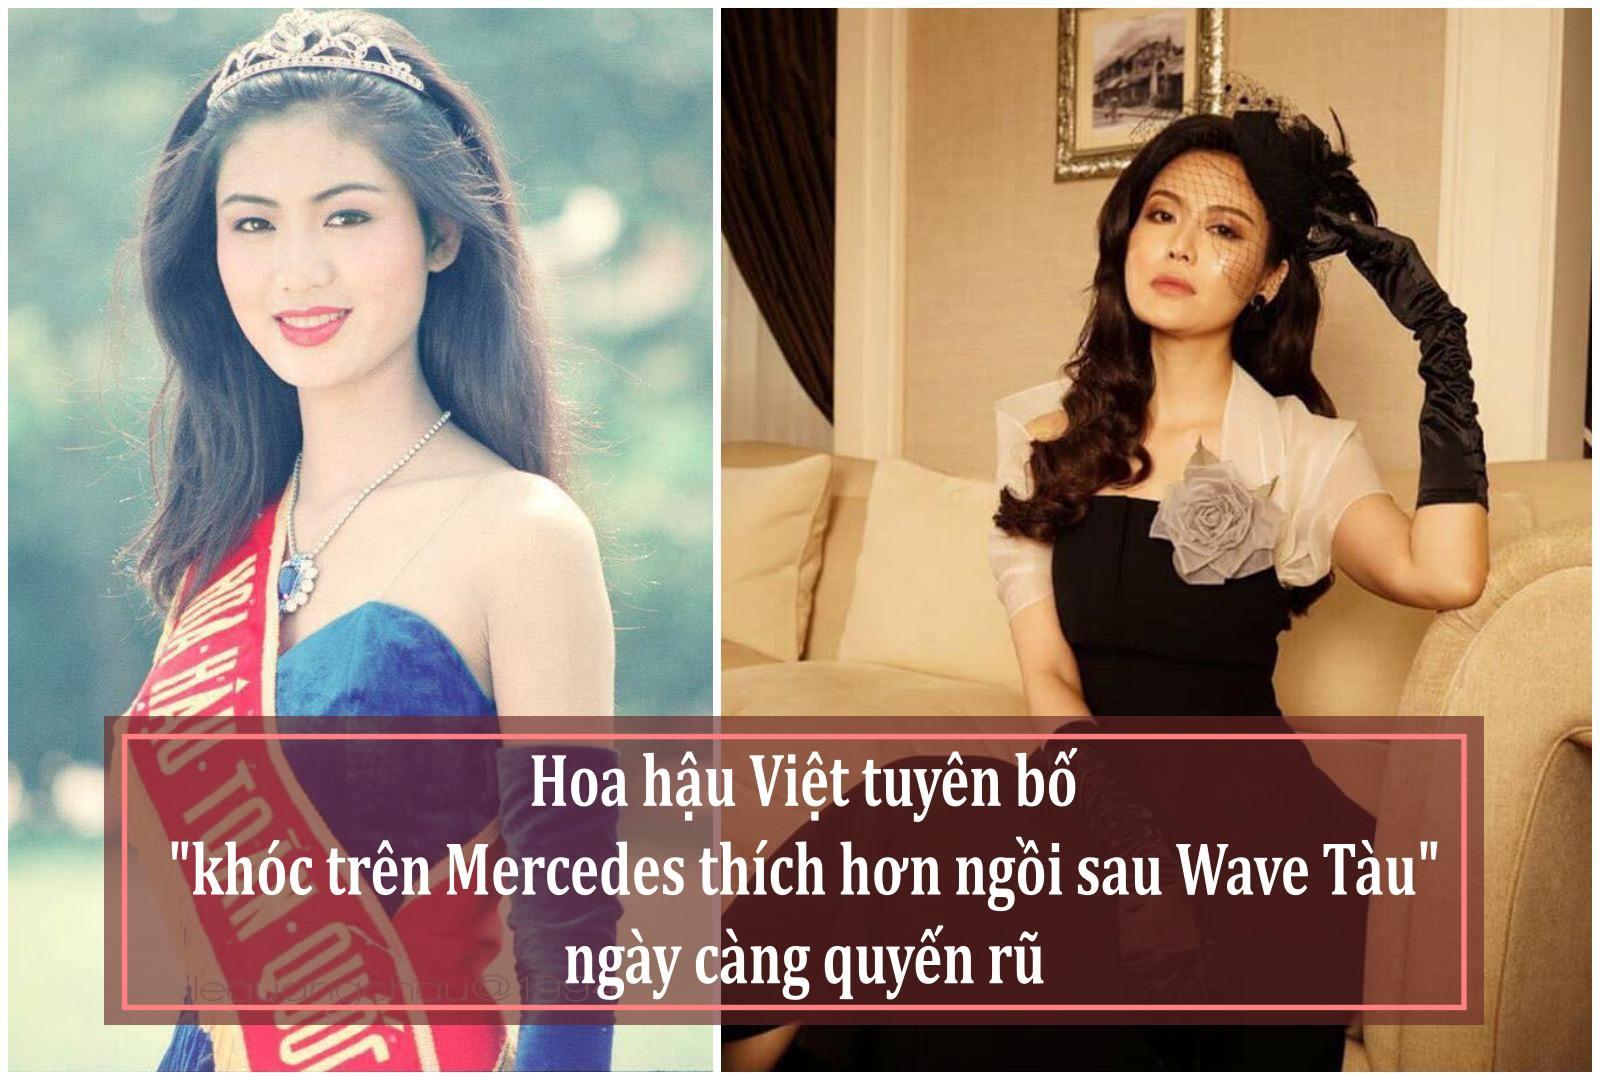 """Hoa hậu Việt """"khóc trên Mercedes thích hơn ngồi sau Wave Tàu"""" khiến ai cũng ngỡ ngàng - 1"""